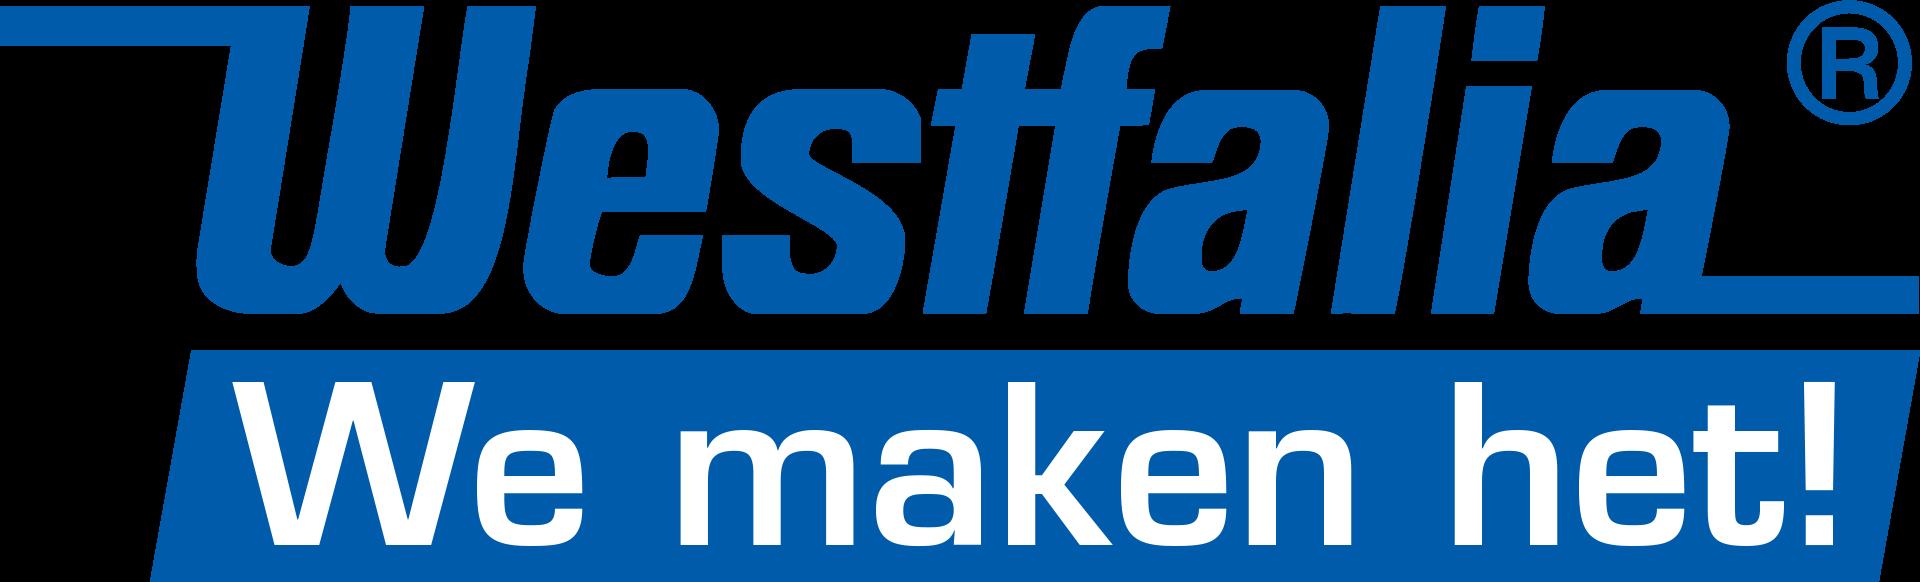 Afbeeldingsresultaat voor westfalia logo